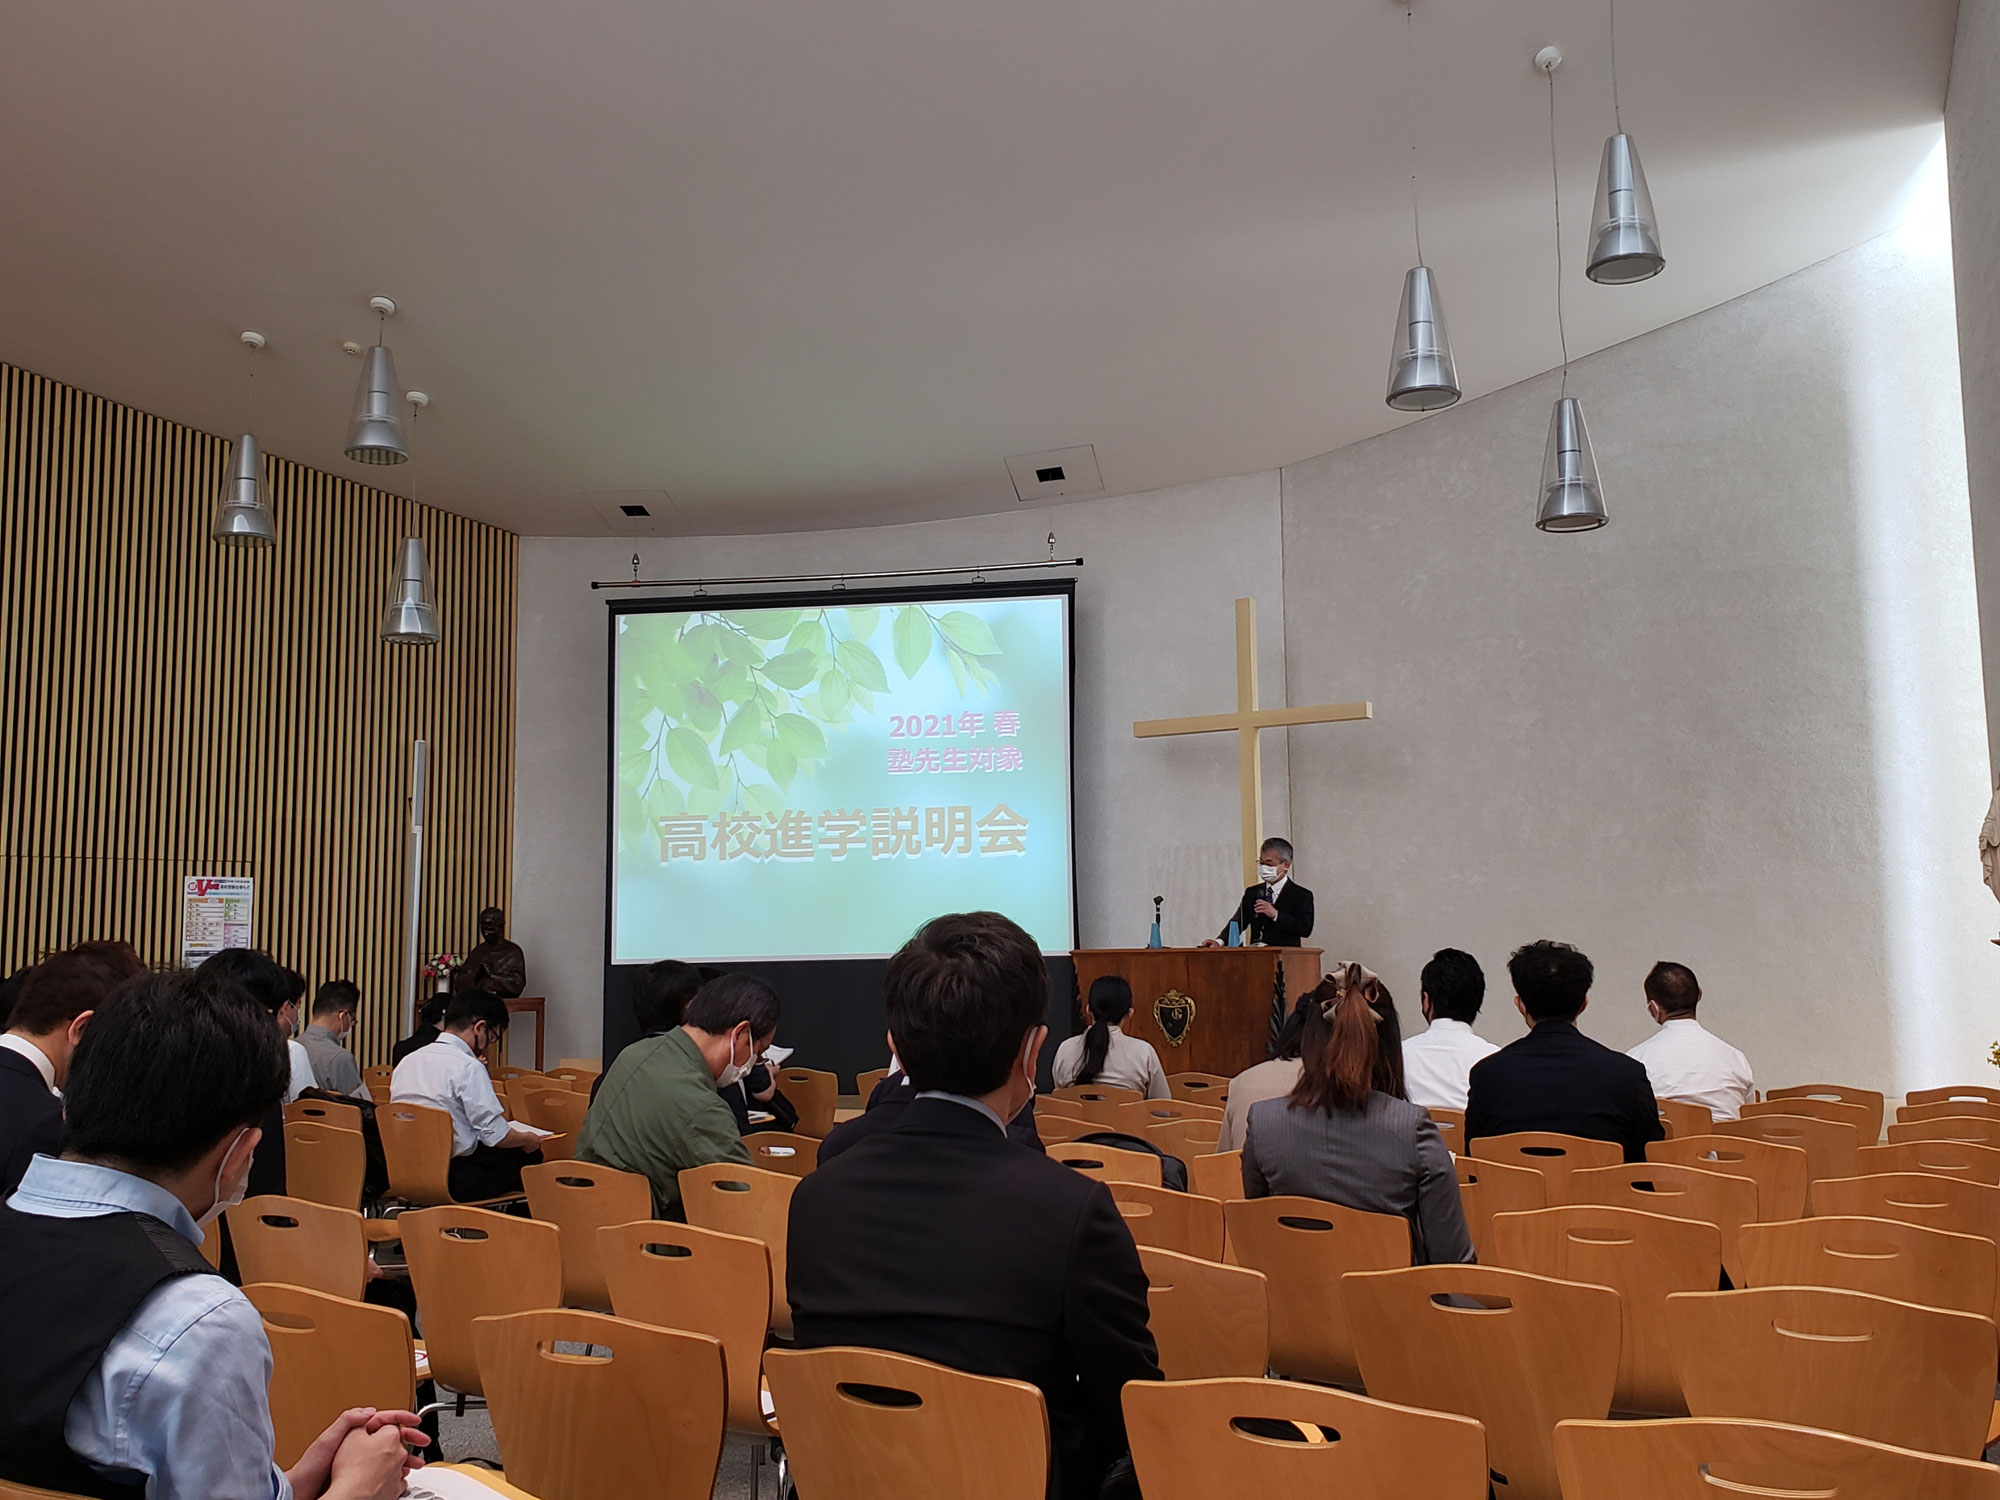 塾対象の高校入試説明会に行ってきました。都立高校と私立高校の状況です